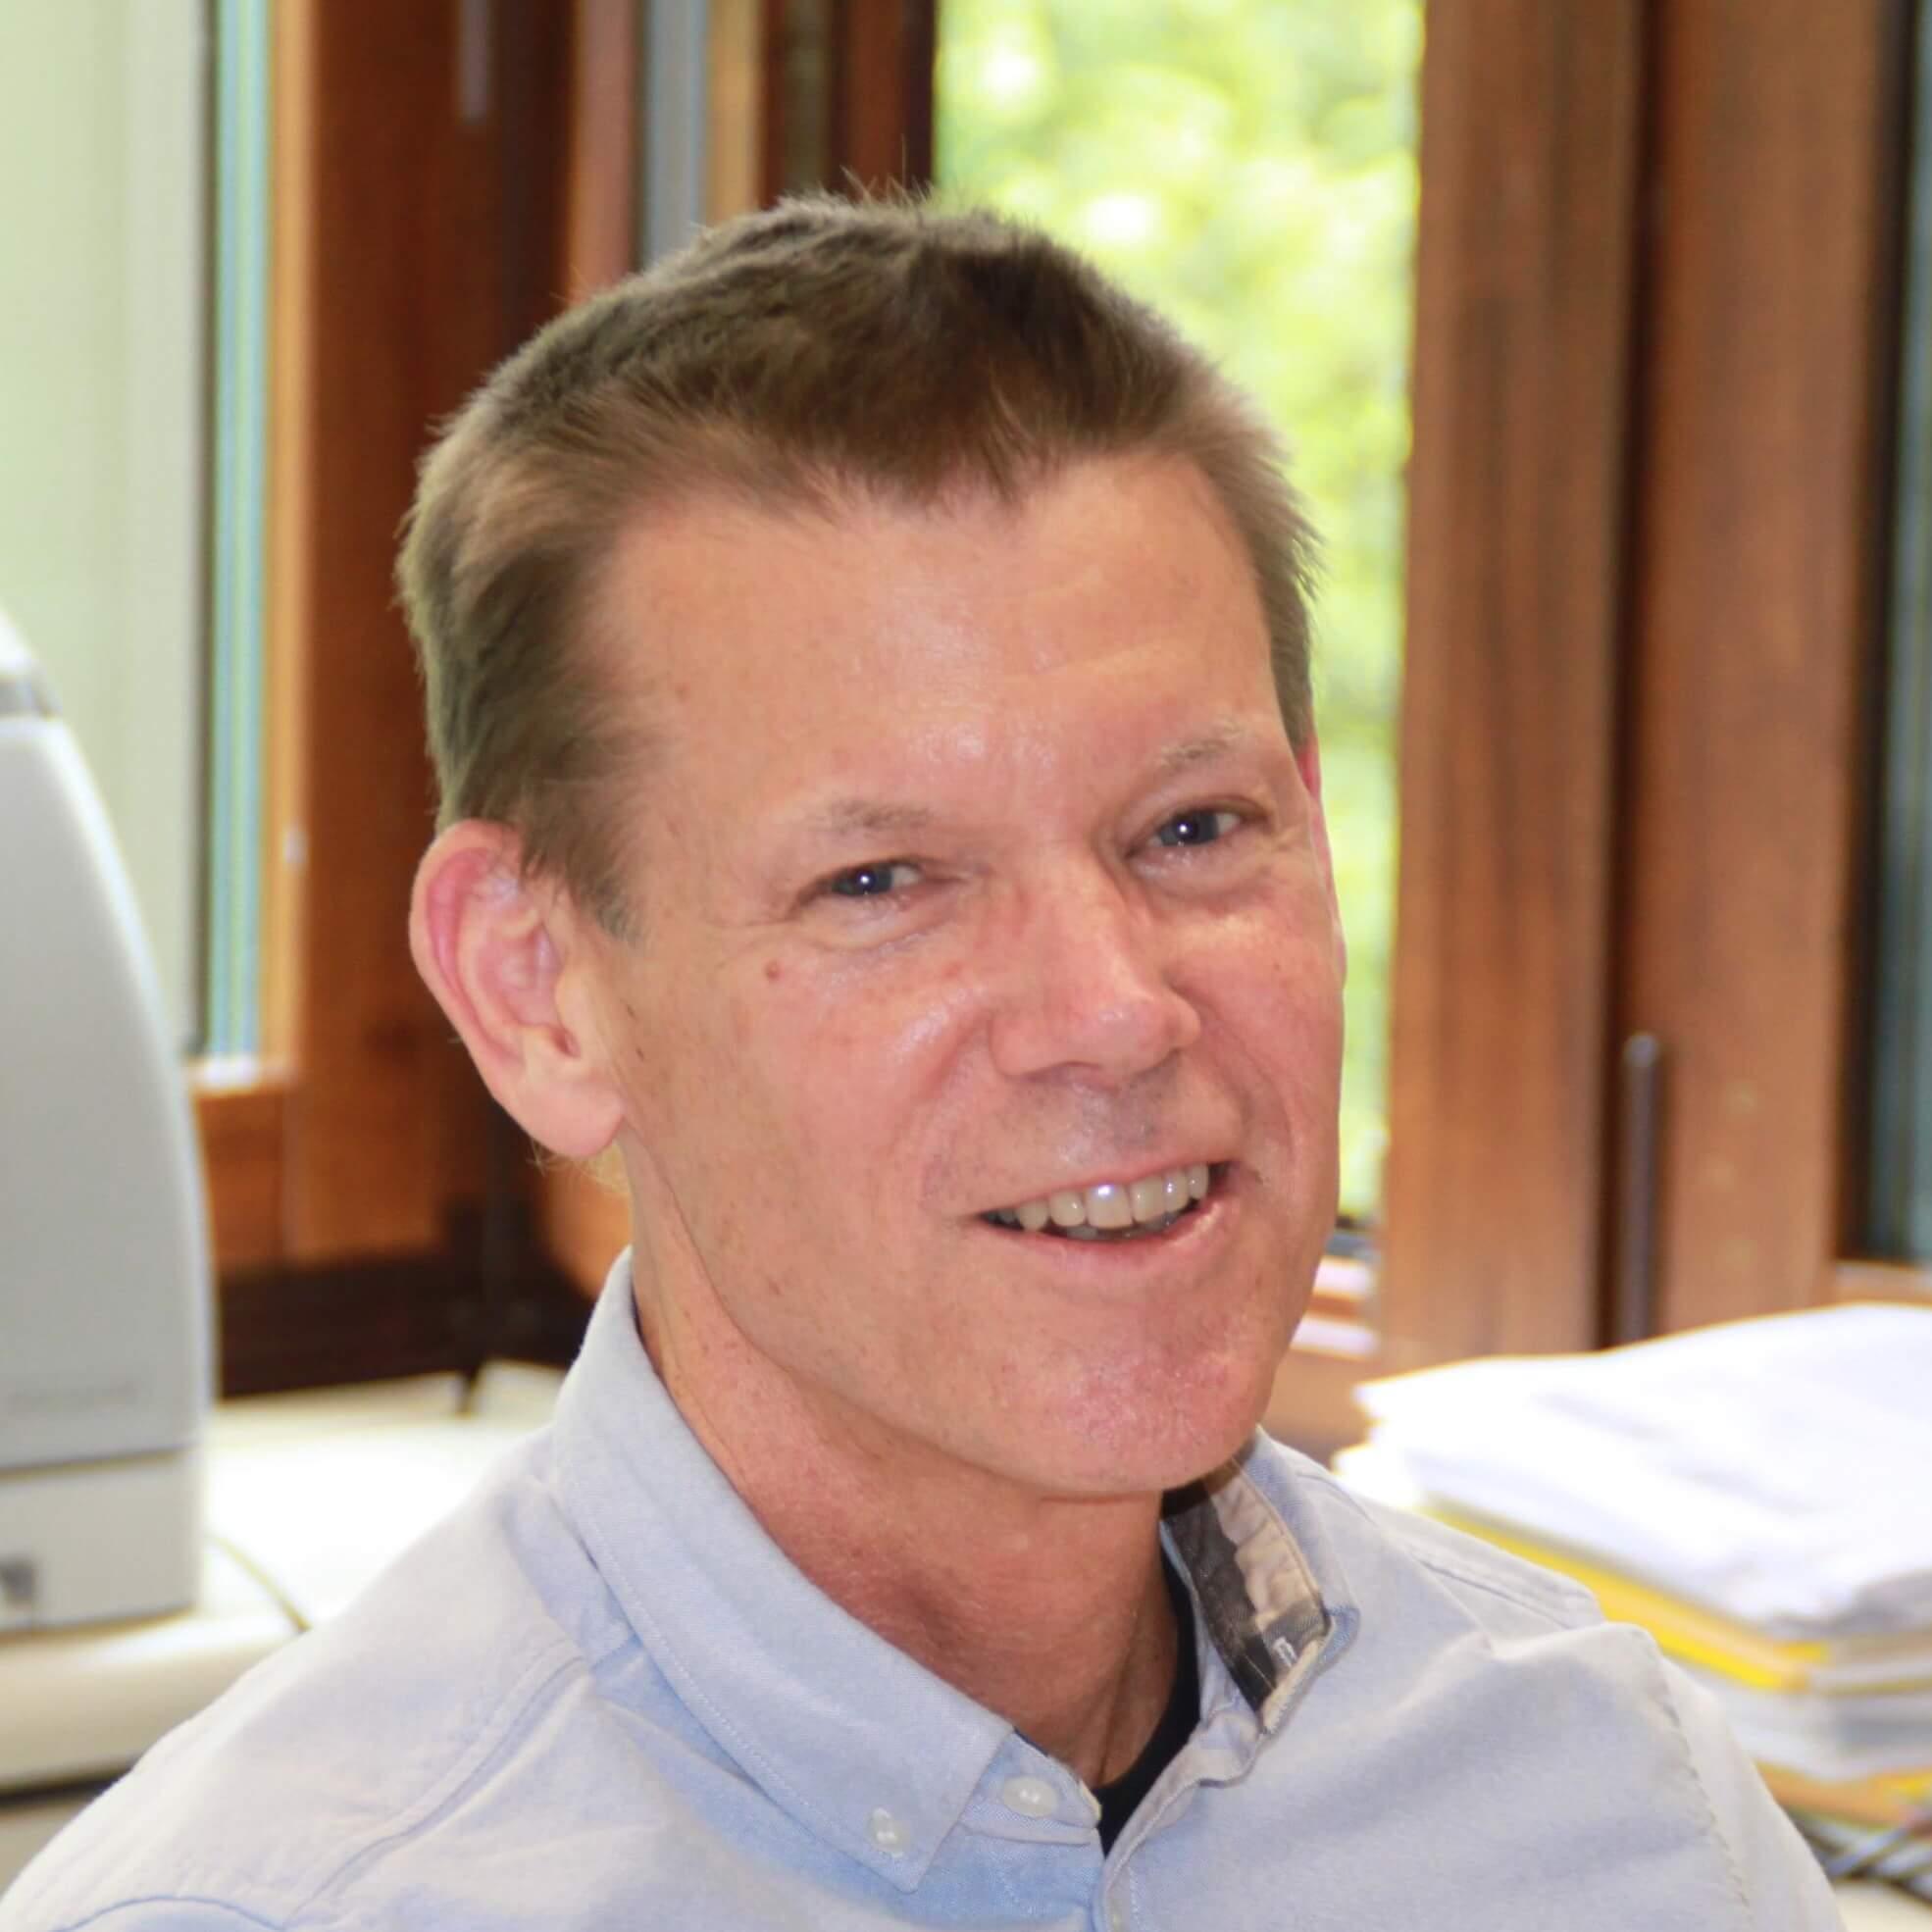 Jim Fredholm